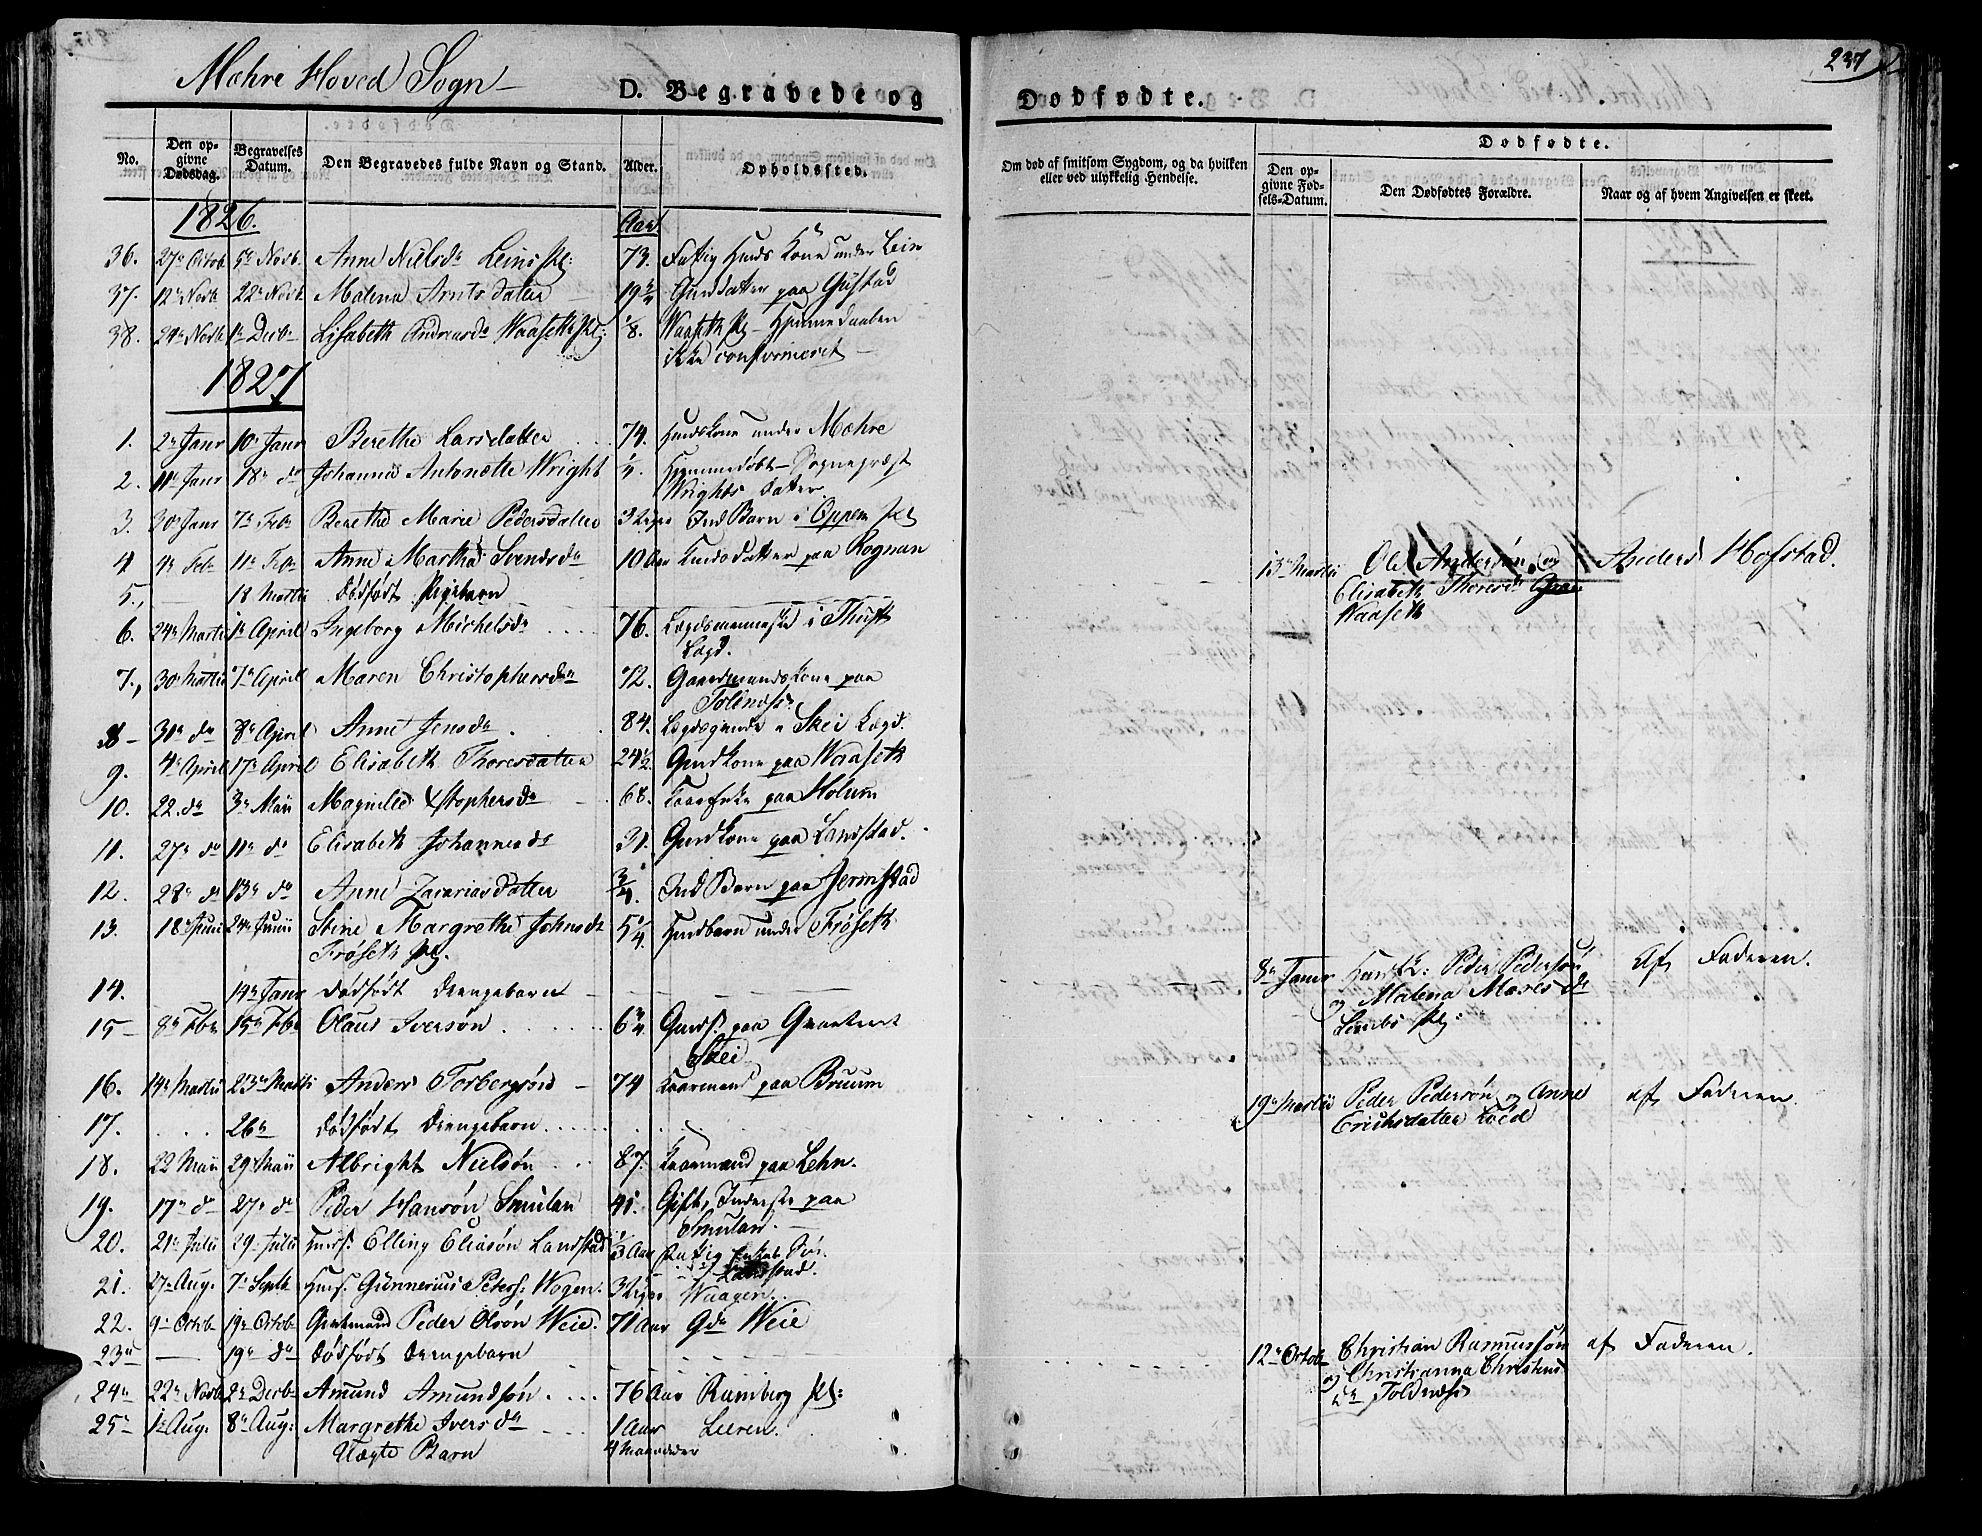 SAT, Ministerialprotokoller, klokkerbøker og fødselsregistre - Nord-Trøndelag, 735/L0336: Ministerialbok nr. 735A05 /1, 1825-1835, s. 237